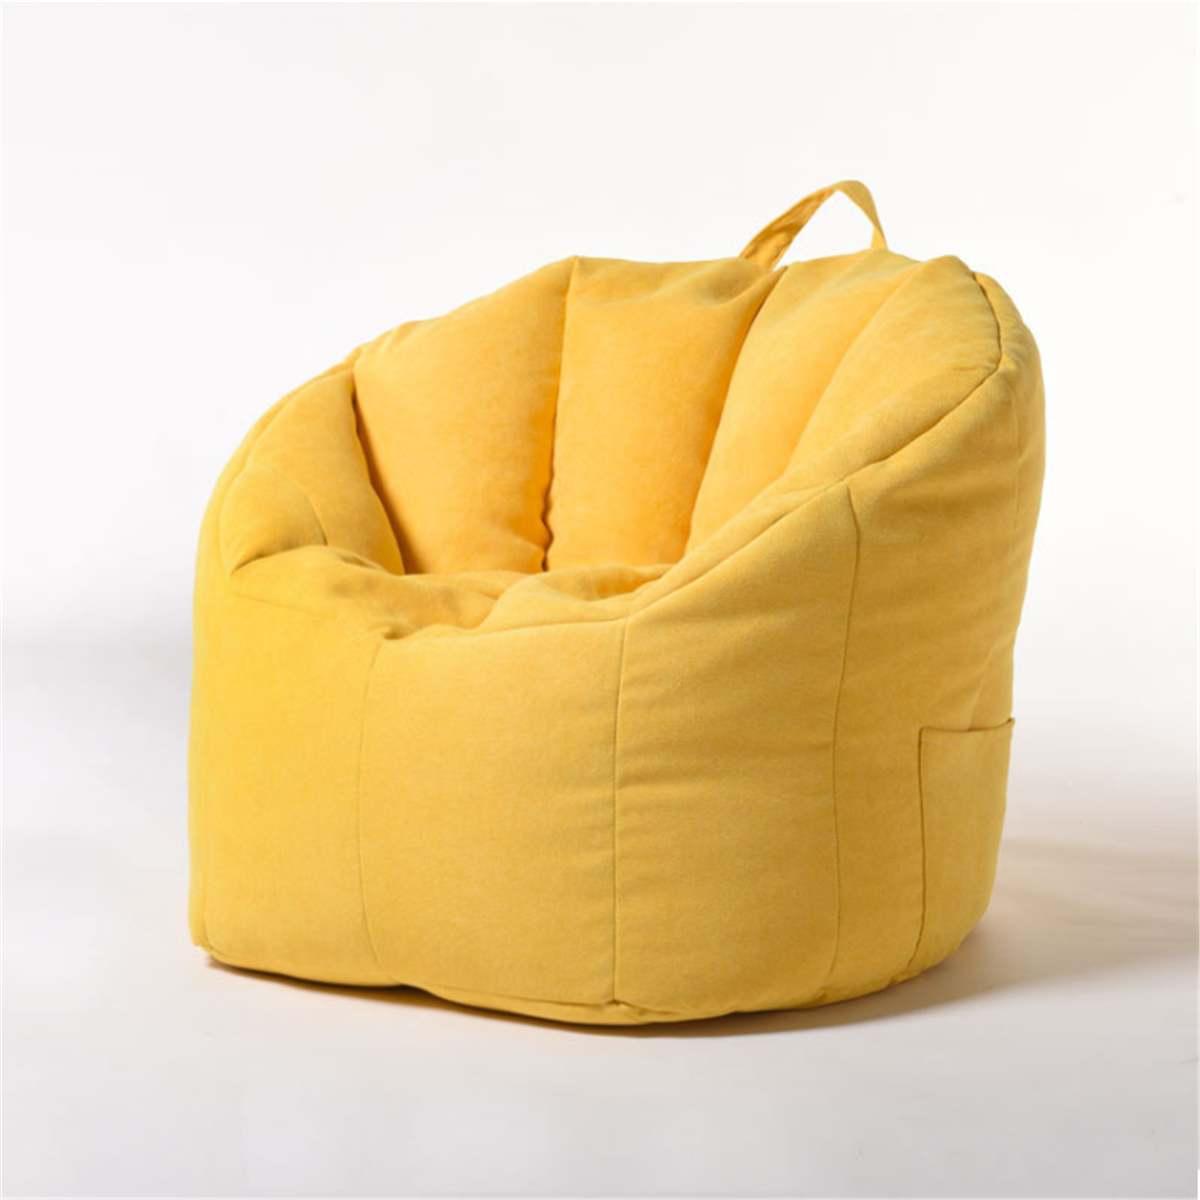 Saco de feijão capa sofá cadeira de enchimento espreguiçadeira sofá assento otomano sala de estar móveis sem enchimento pufe puff puff puff sofá